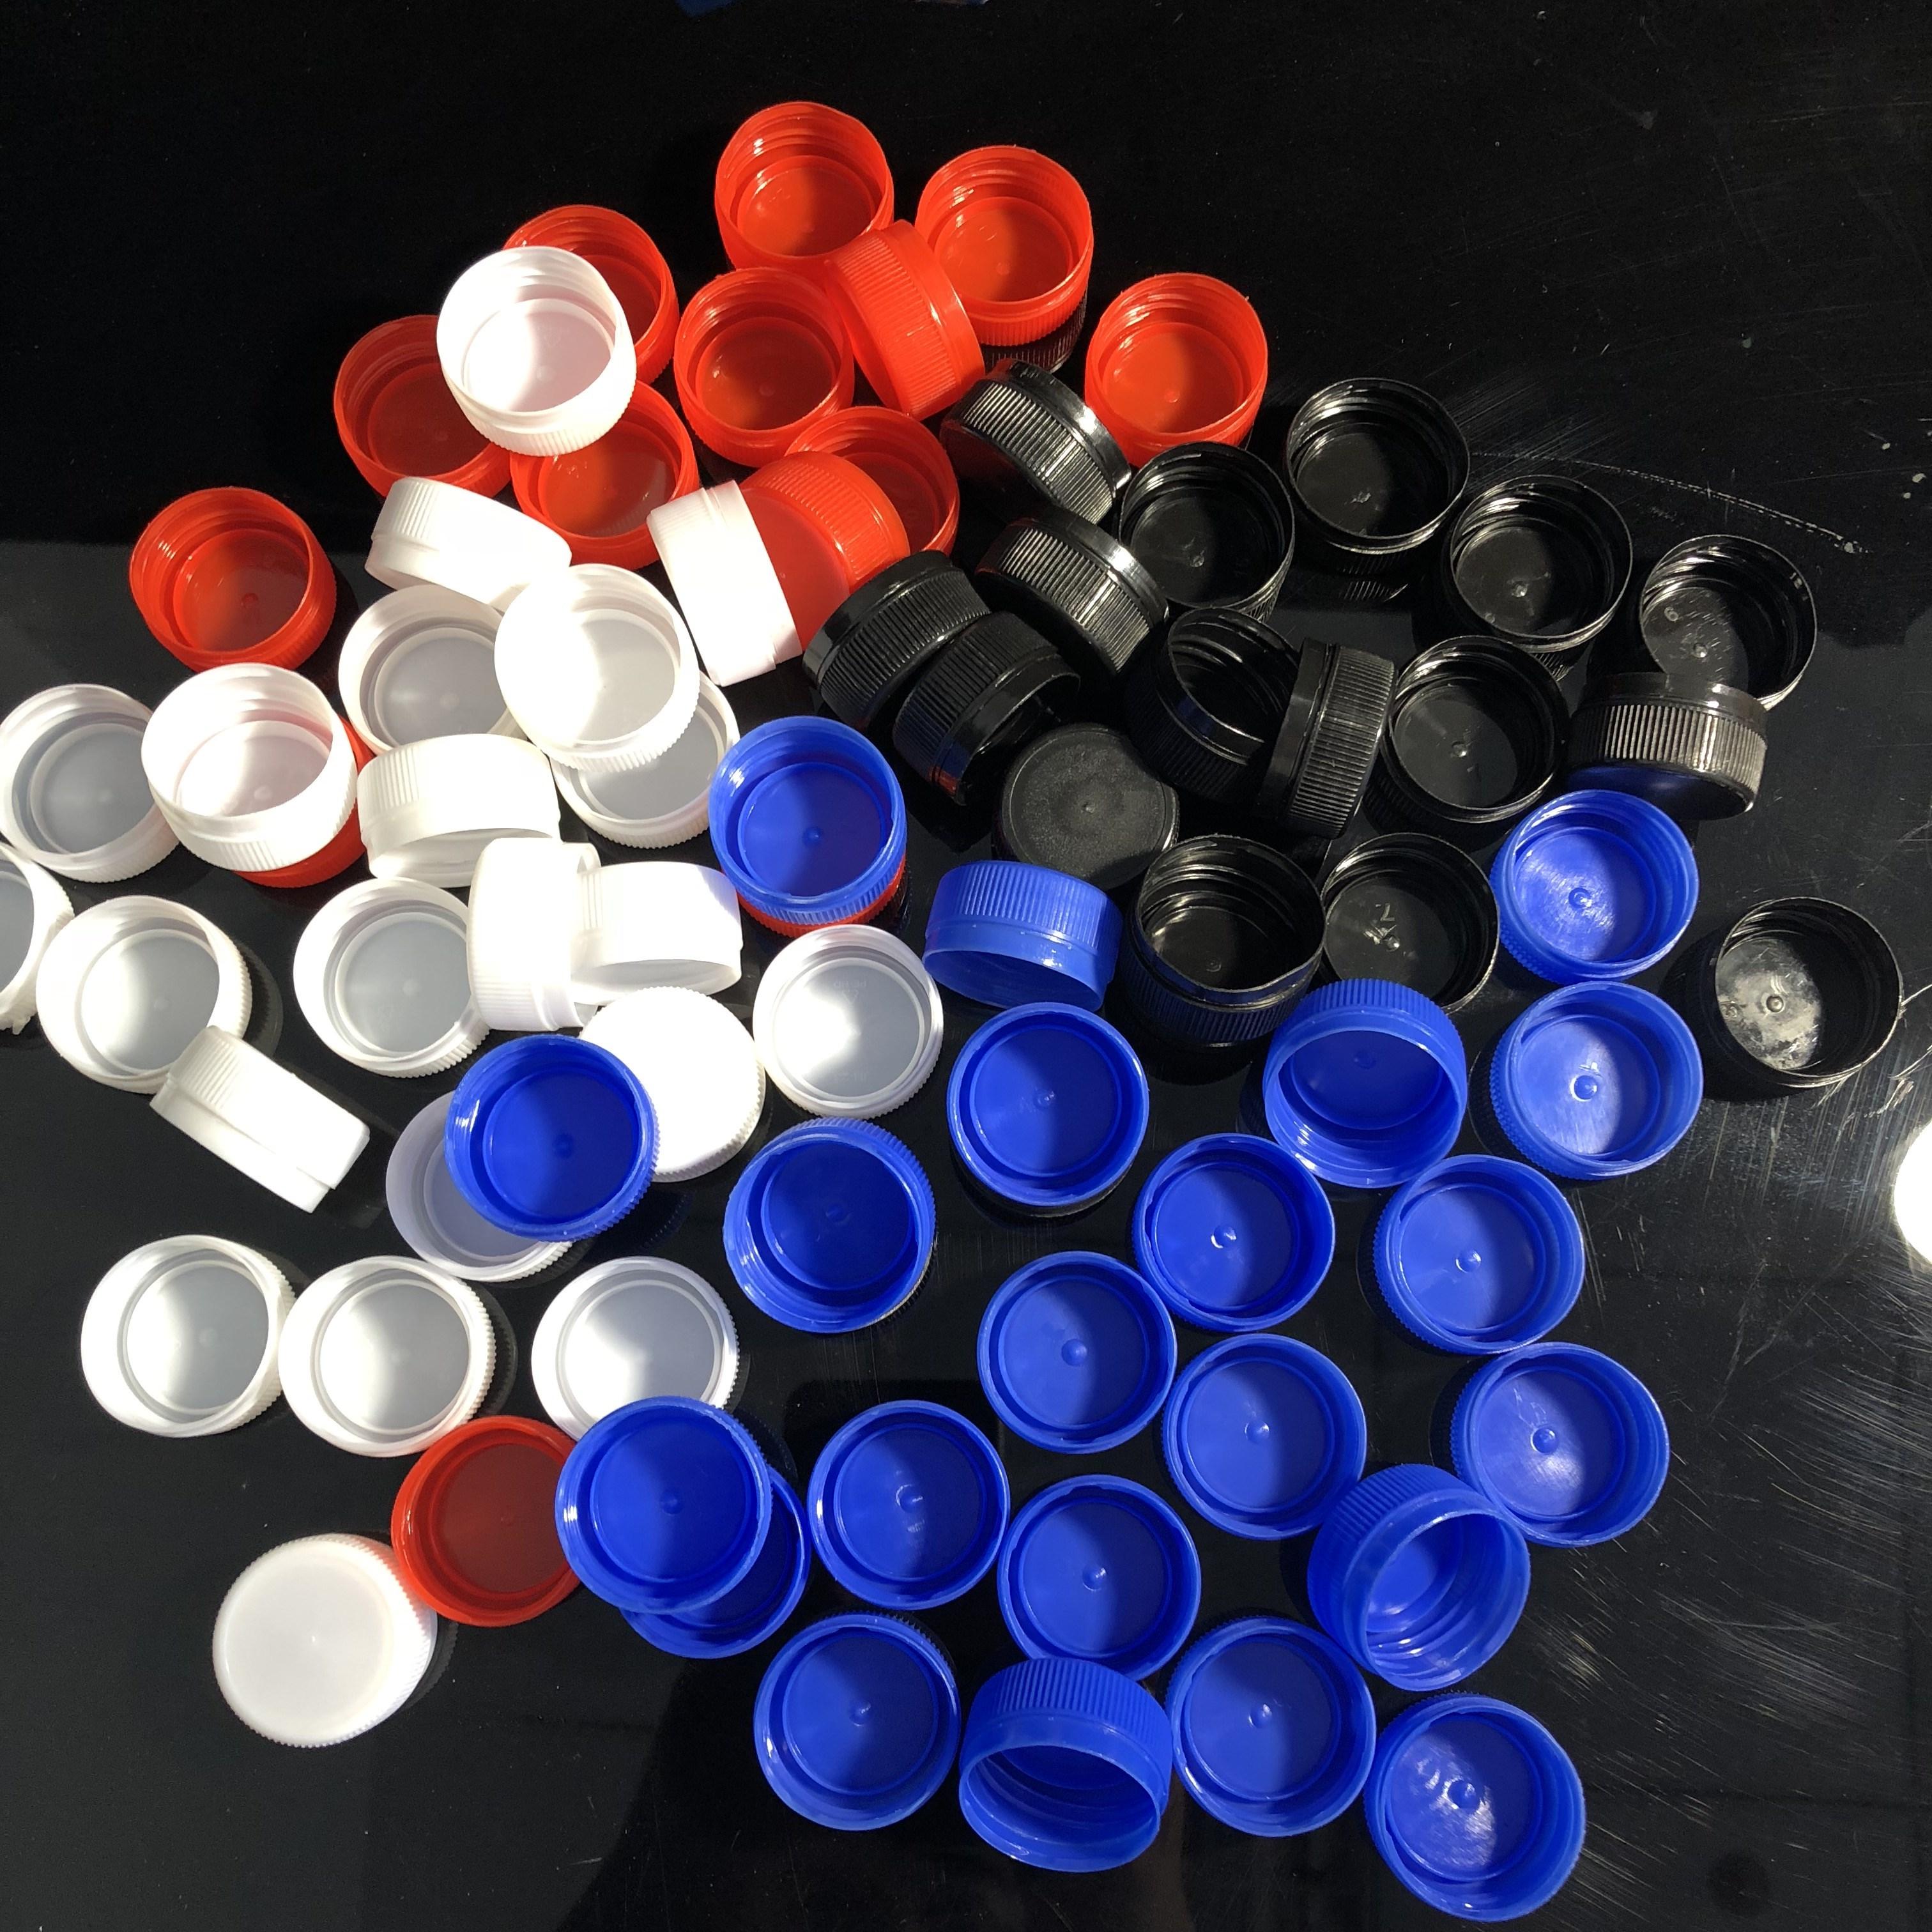 矿泉水瓶盖子塑料瓶盖幼儿园彩色手工拼图盖娃哈哈瓶盖小口透明瓶